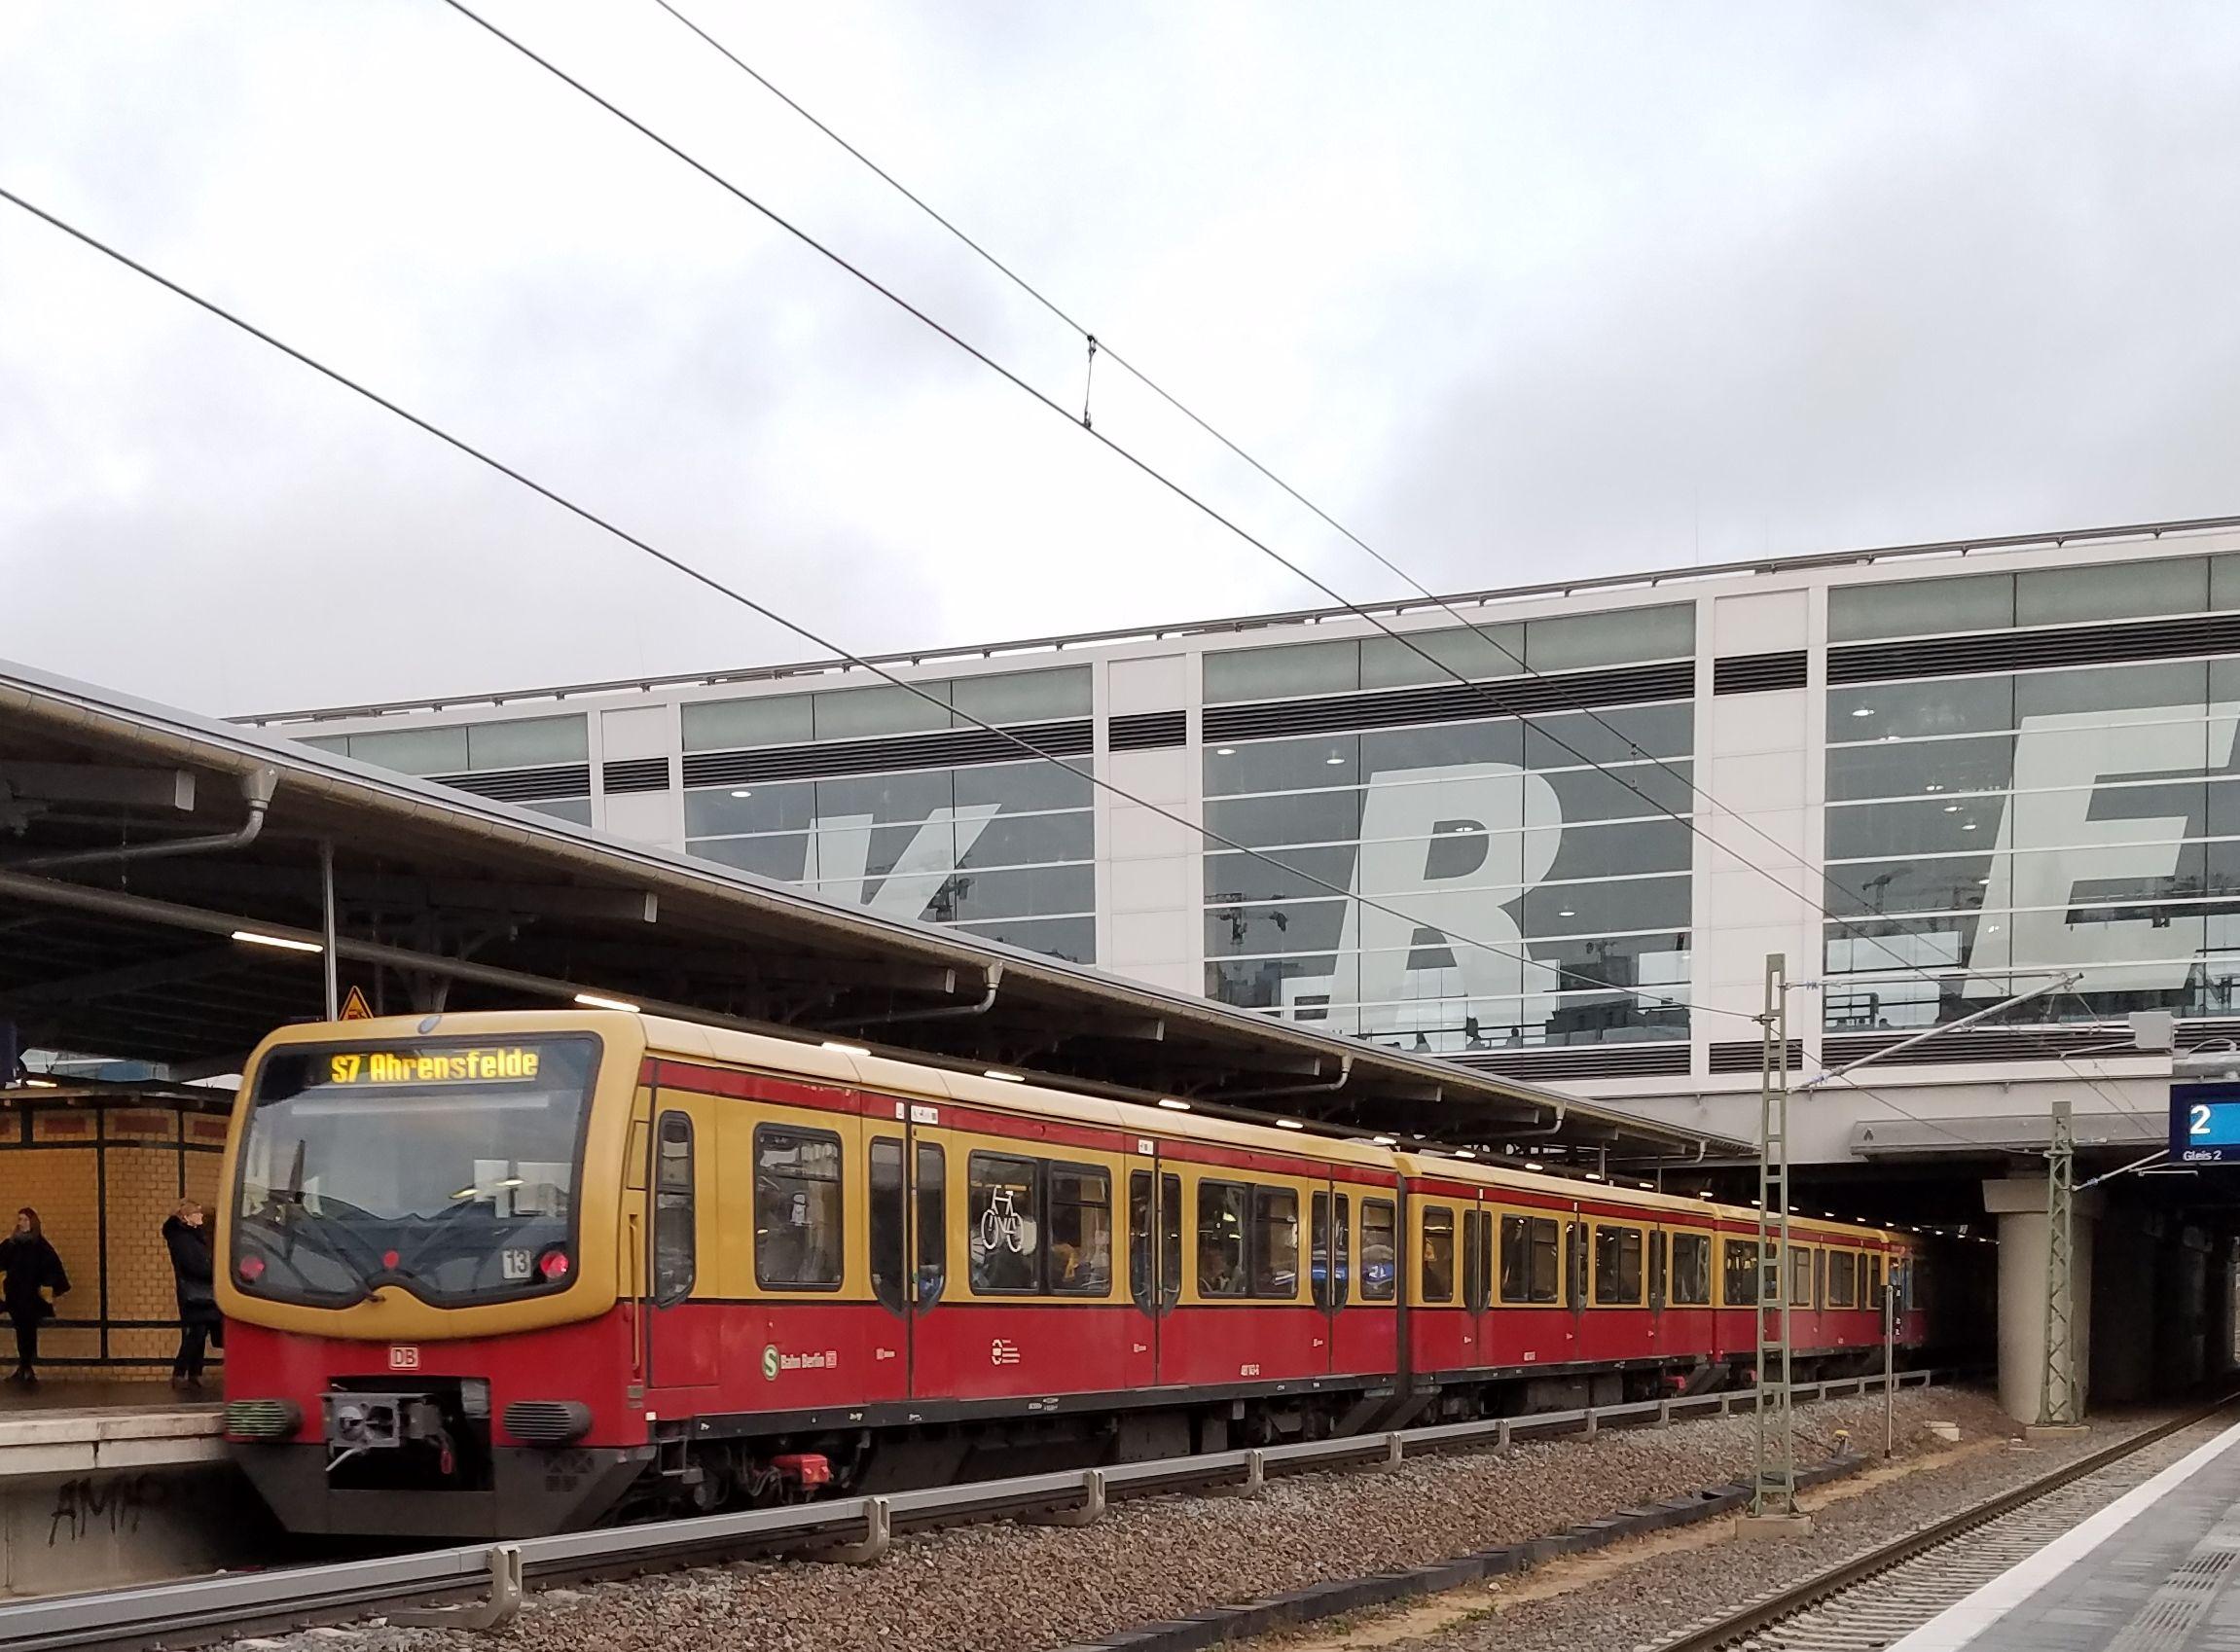 Foto:S-Bahn 481 143, Baureihe481/482, Ostkreuz, 2017